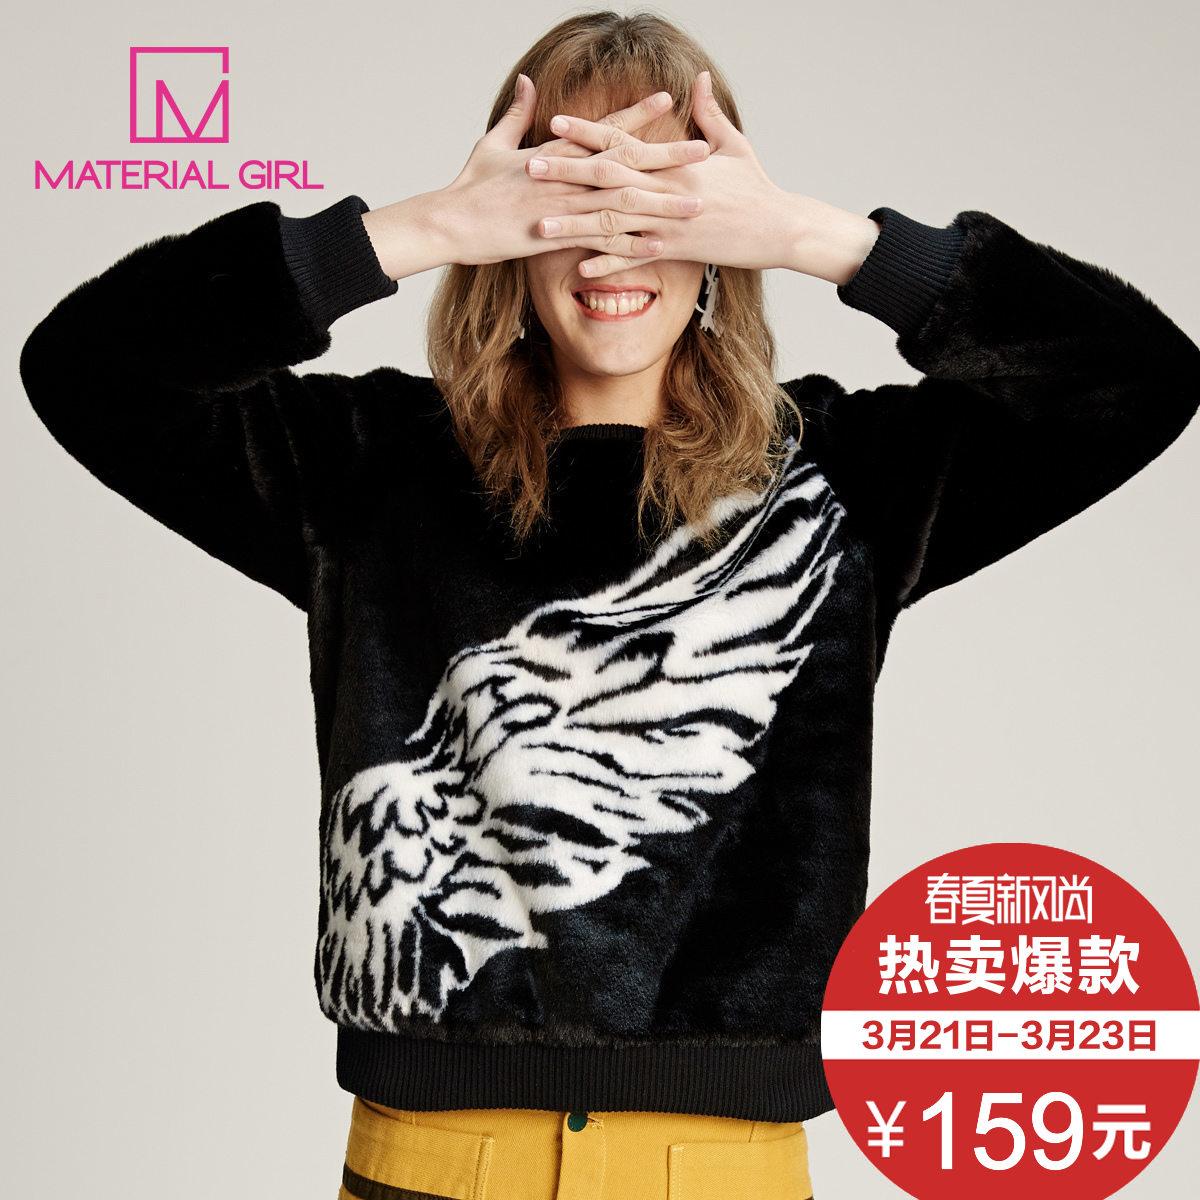 20MG17春装季新款女圆领套头T恤翅膀提花黑色上衣宽松纯色卫衣